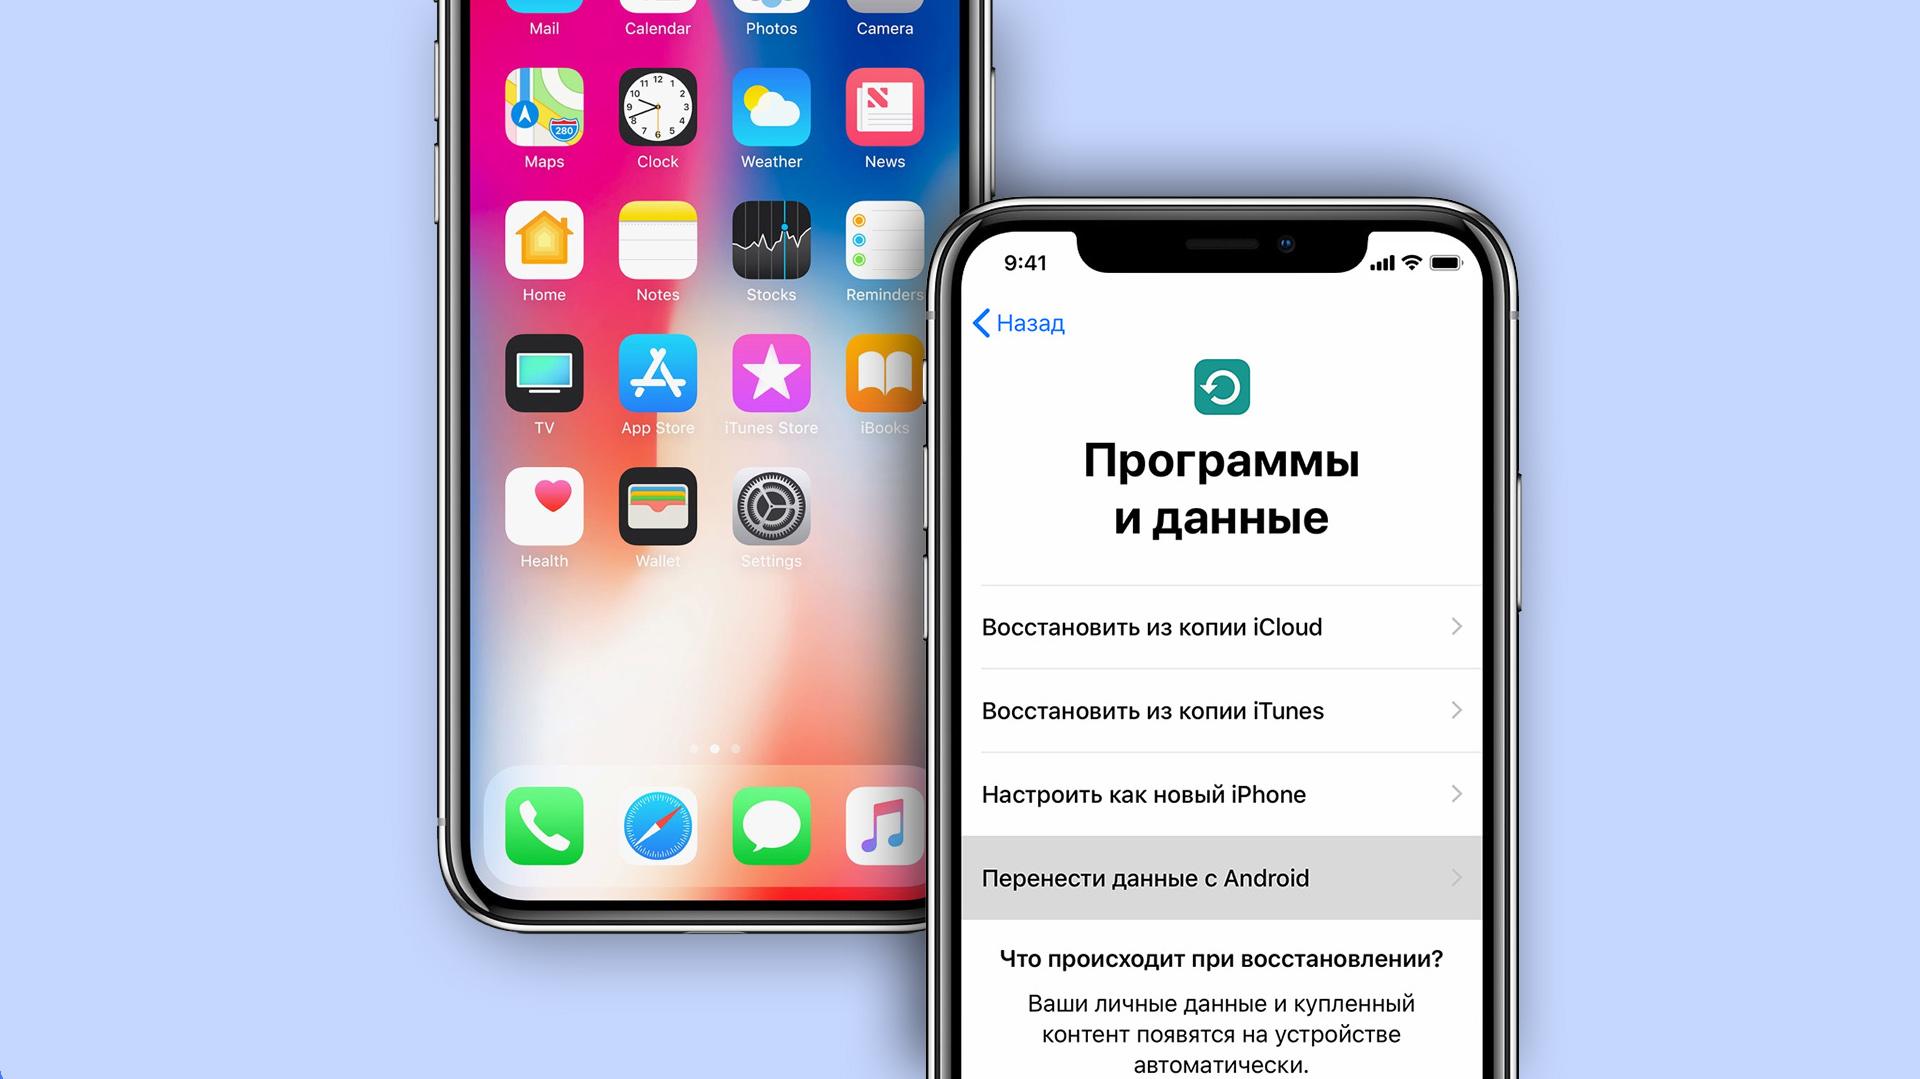 Как перенести данные на новый iPhone